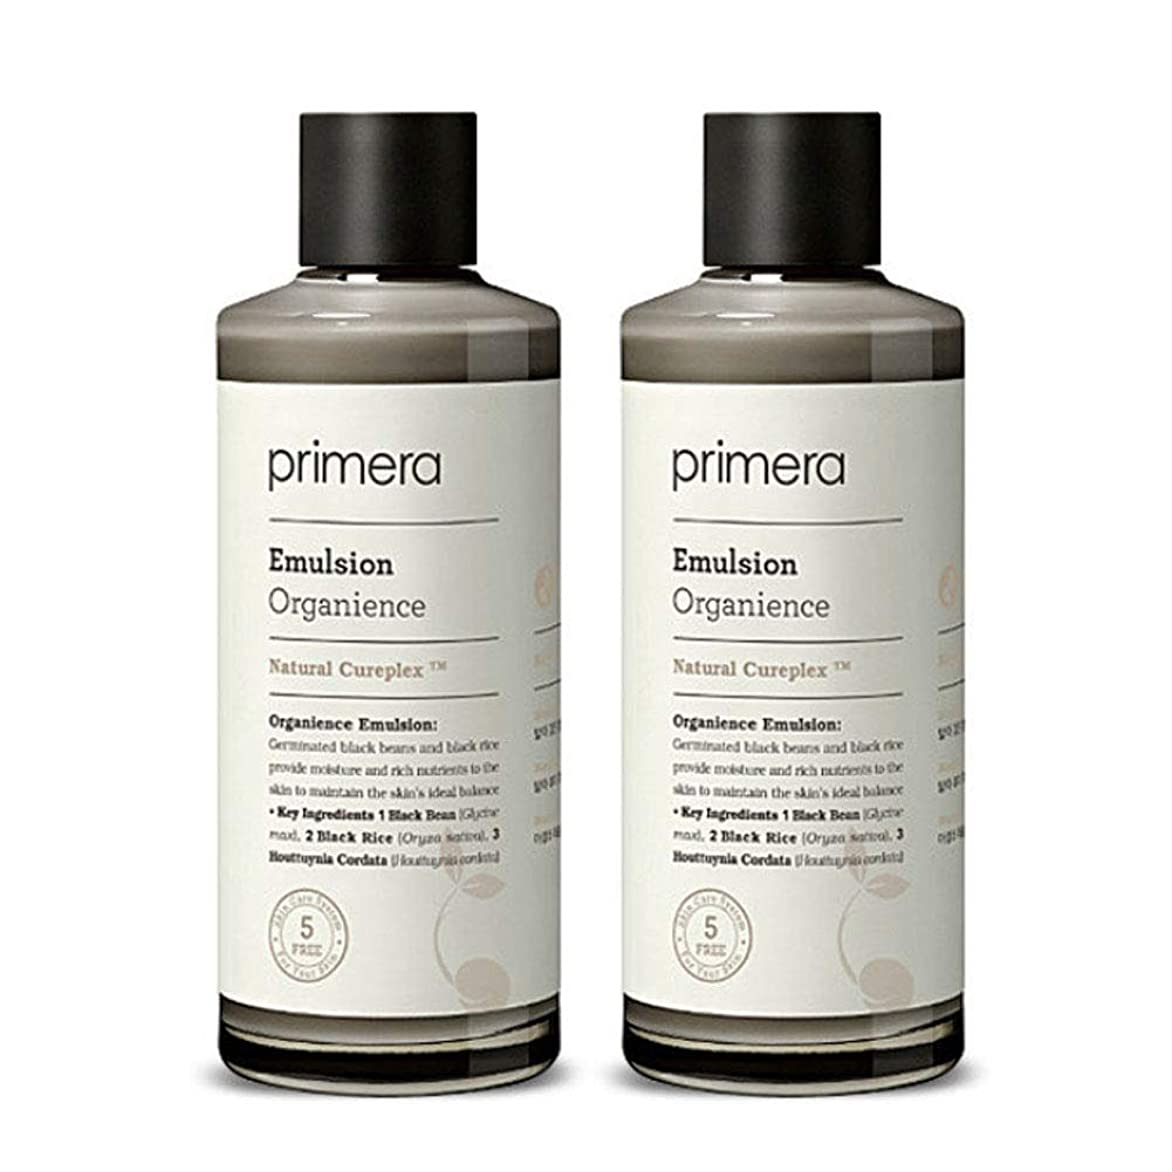 促すテクスチャー滅多プリメラオカニオンスエマルジョン150ml x 2本セット、Primera Organience Emulsion 150ml x 2ea Set [並行輸入品]